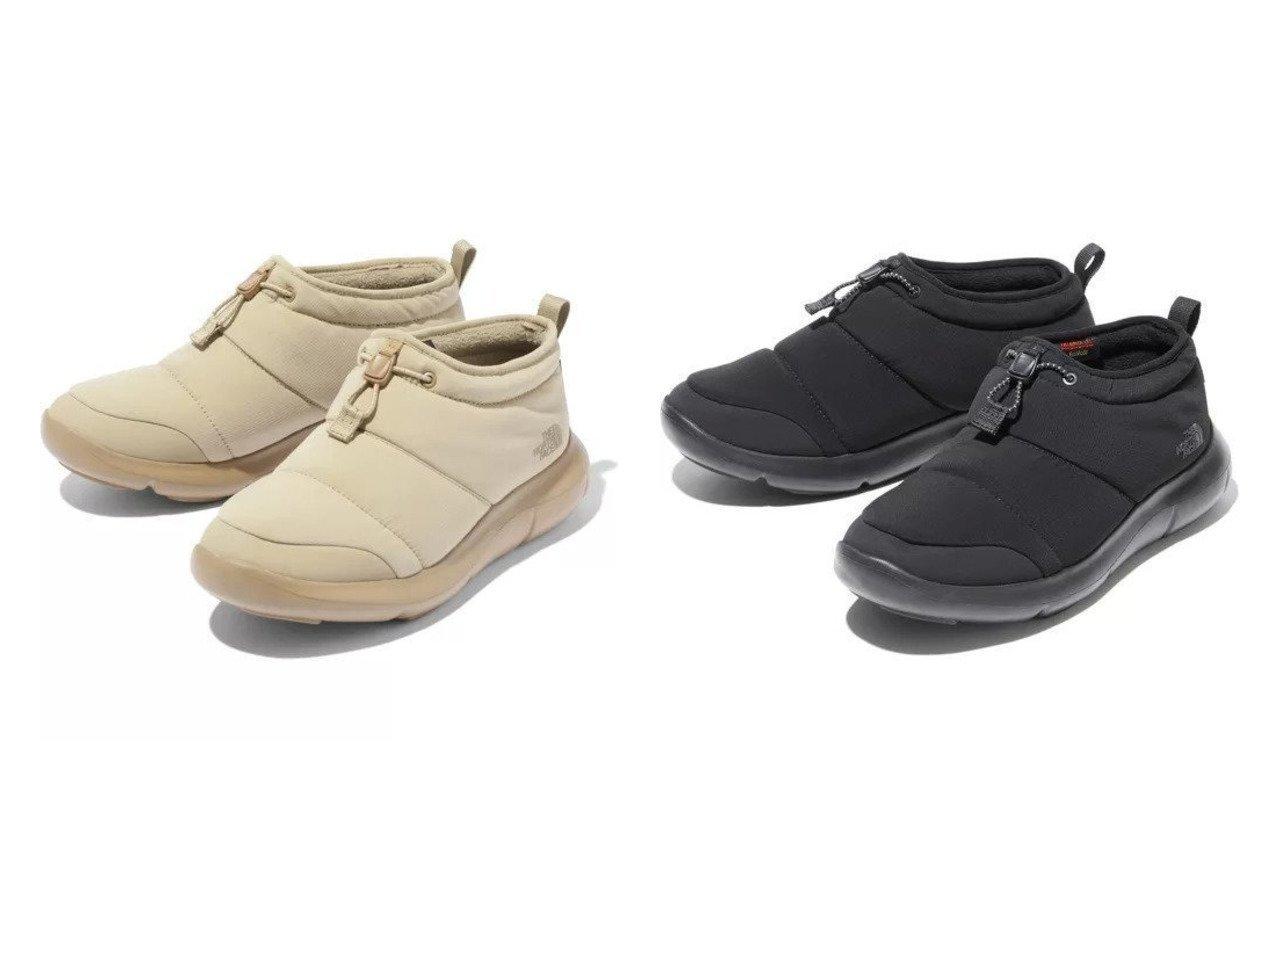 【THE NORTH FACE/ザ ノース フェイス】のNuptse Lifty Moc WP 【シューズ・靴】おすすめ!人気、トレンド・レディースファッションの通販  おすすめで人気の流行・トレンド、ファッションの通販商品 インテリア・家具・メンズファッション・キッズファッション・レディースファッション・服の通販 founy(ファニー) https://founy.com/ ファッション Fashion レディースファッション WOMEN 春 Spring 秋 Autumn/Fall クッション 軽量 シューズ バランス フラット ボトム ライニング ラバー |ID:crp329100000062303